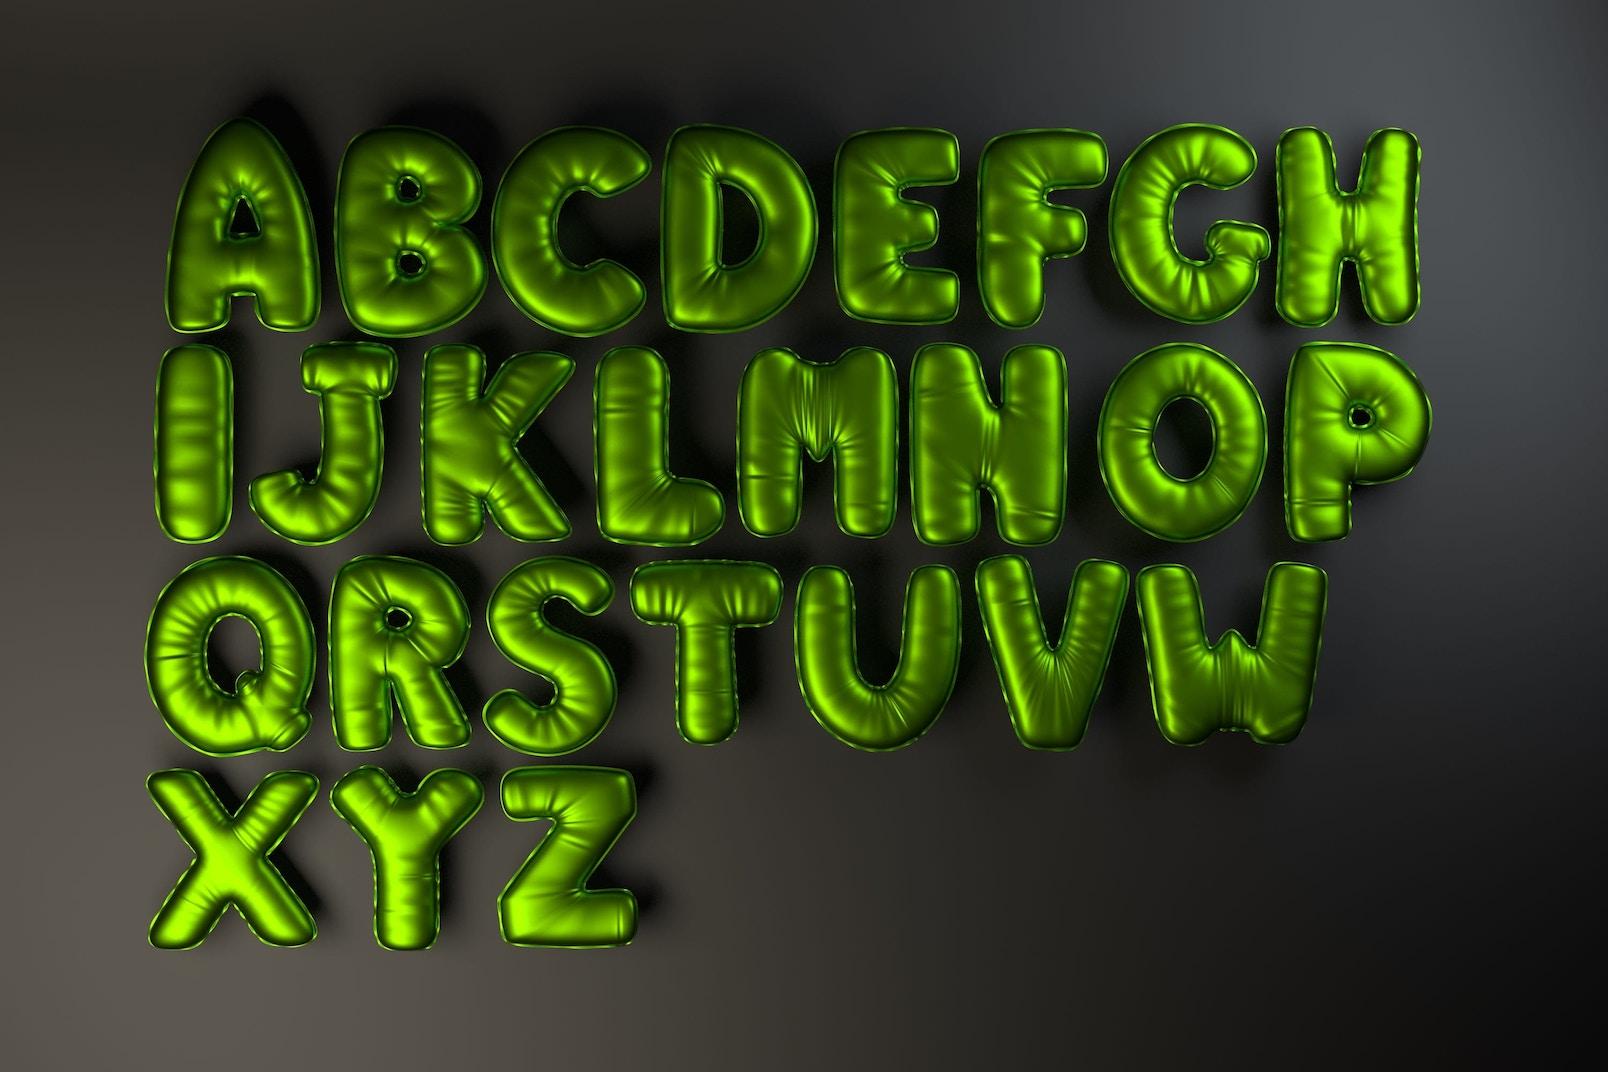 Foil Balloon Alphabet - Green Blurry